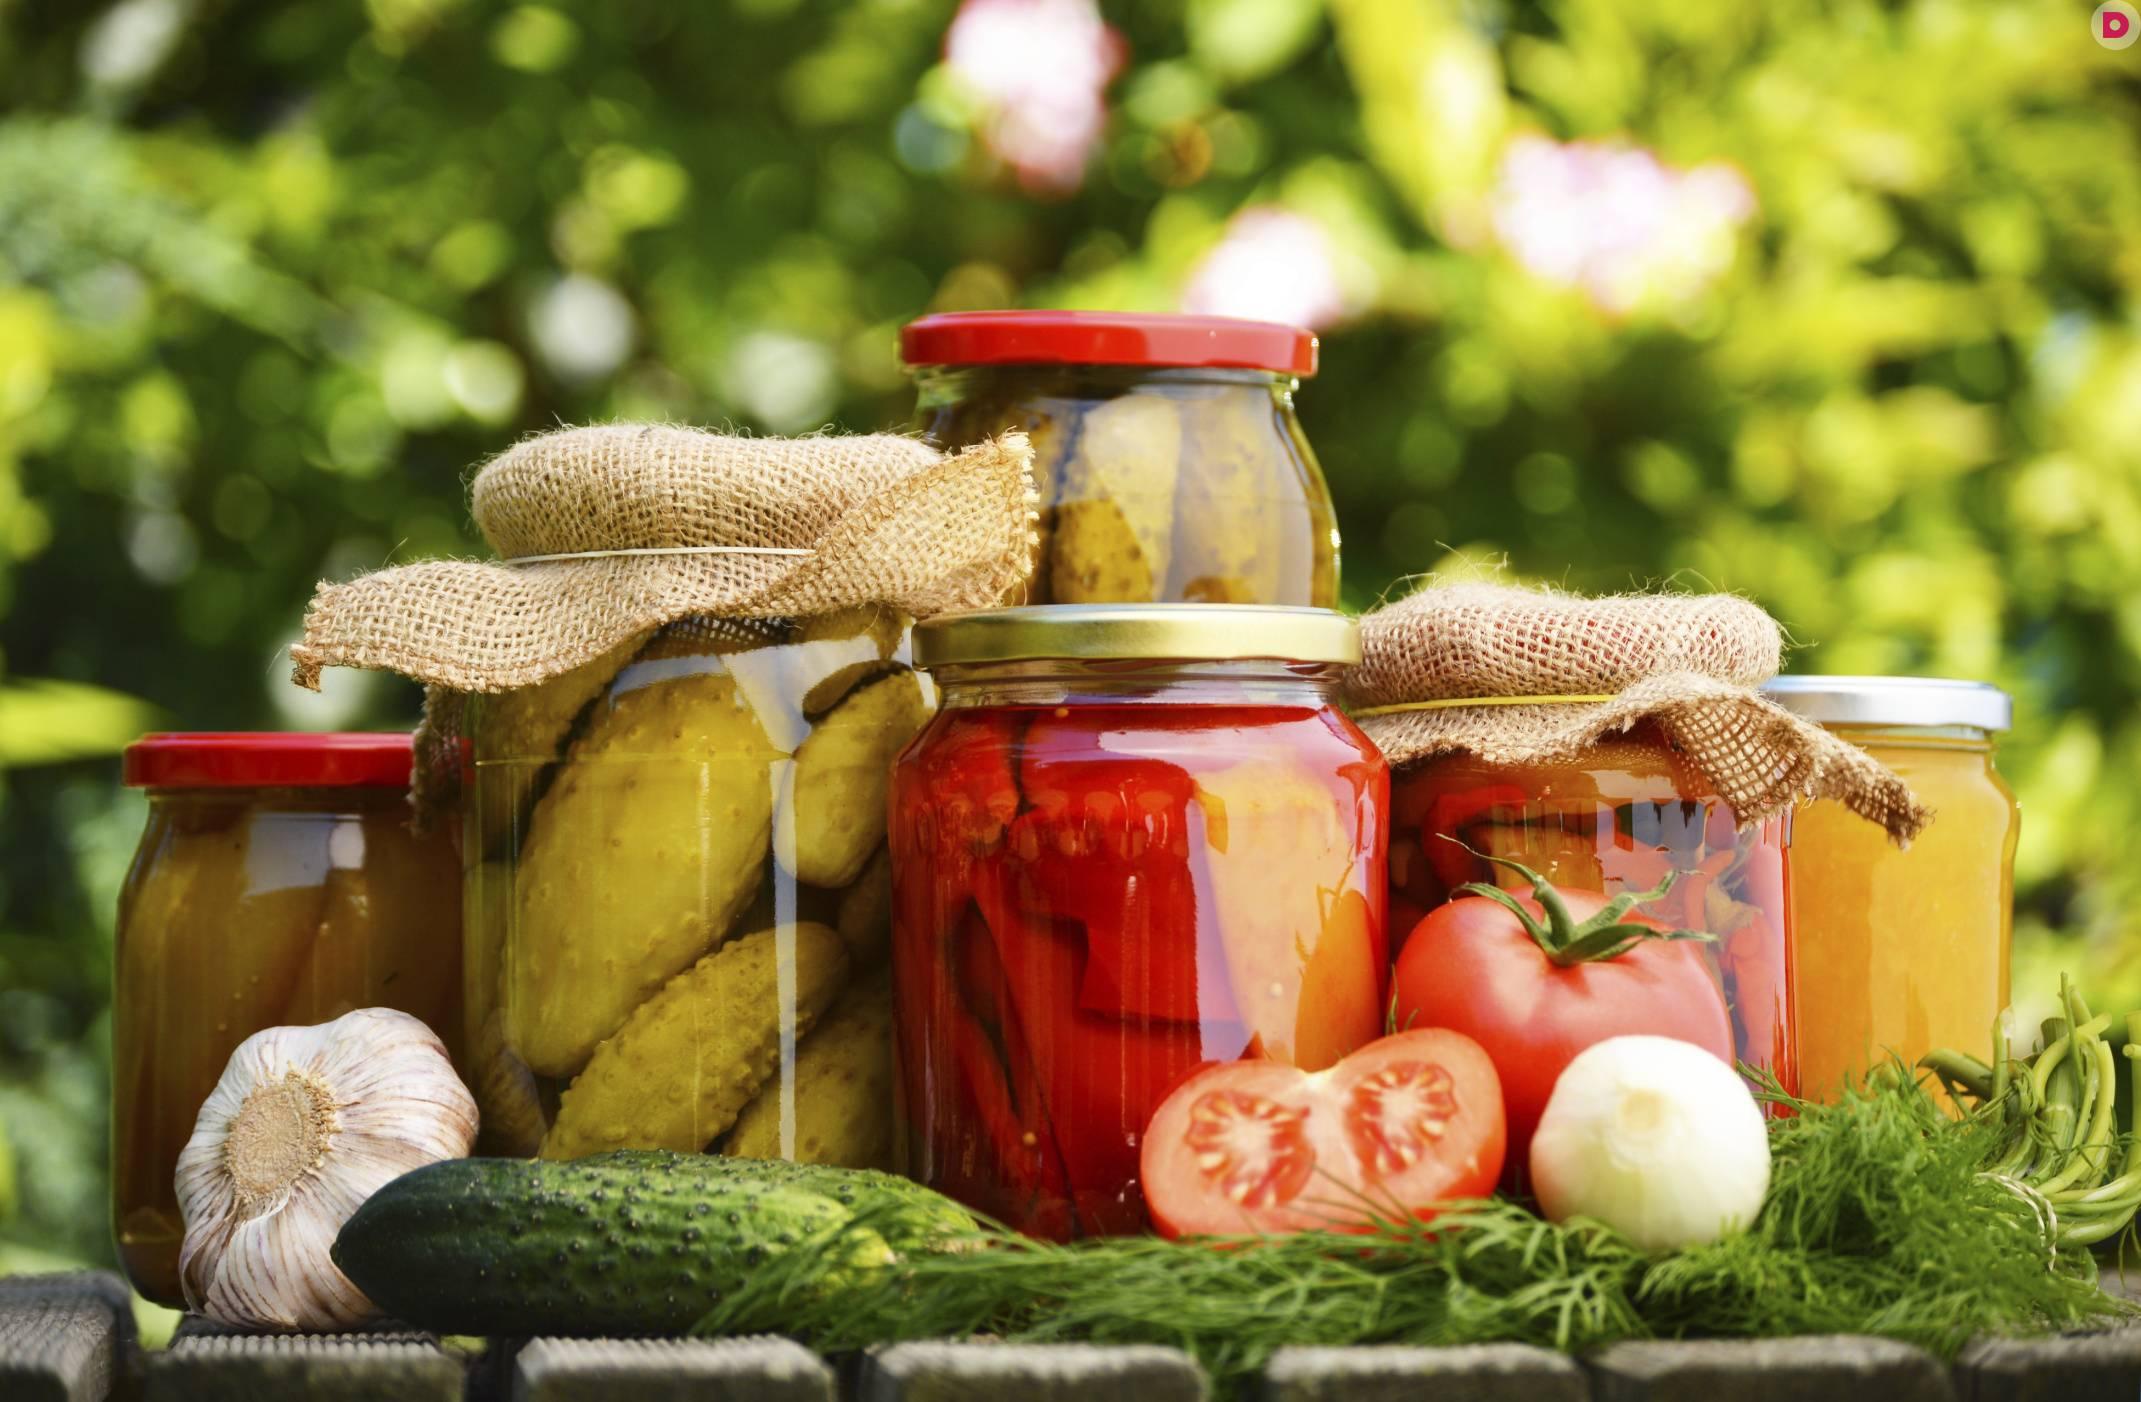 Как приготовить хрен в домашних условиях: 5 рецептов - классический, хренодер, со свеклой и другие (+отзывы)